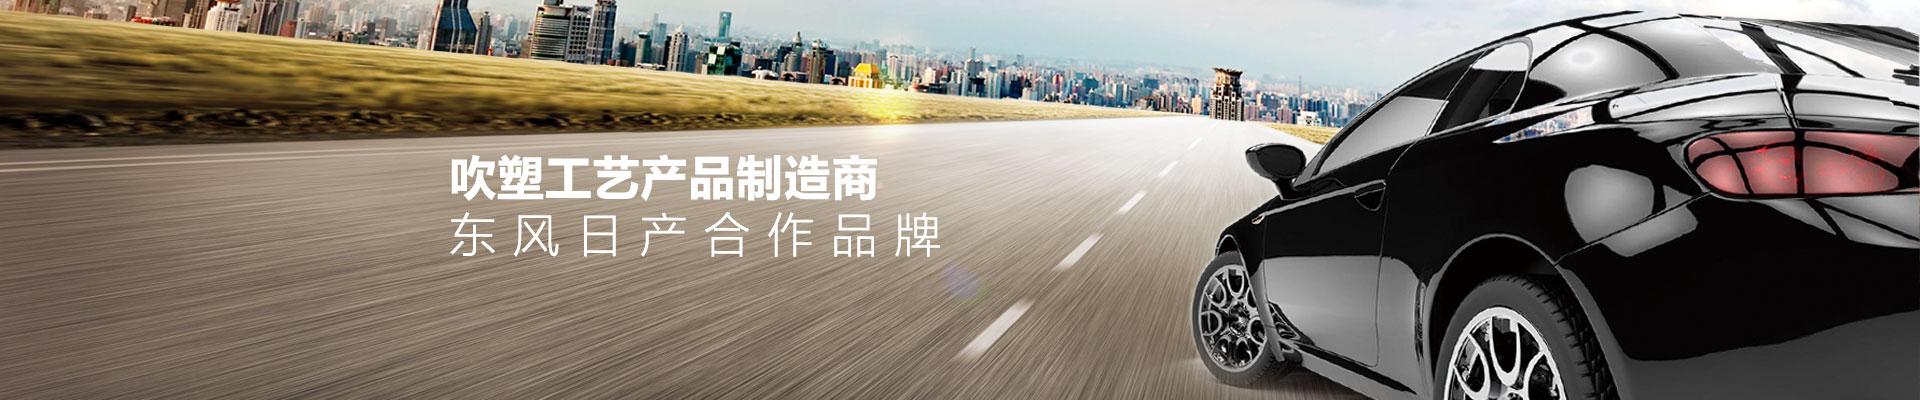 吹塑工艺产品制造商,东风日产合作品牌-承毅塑胶